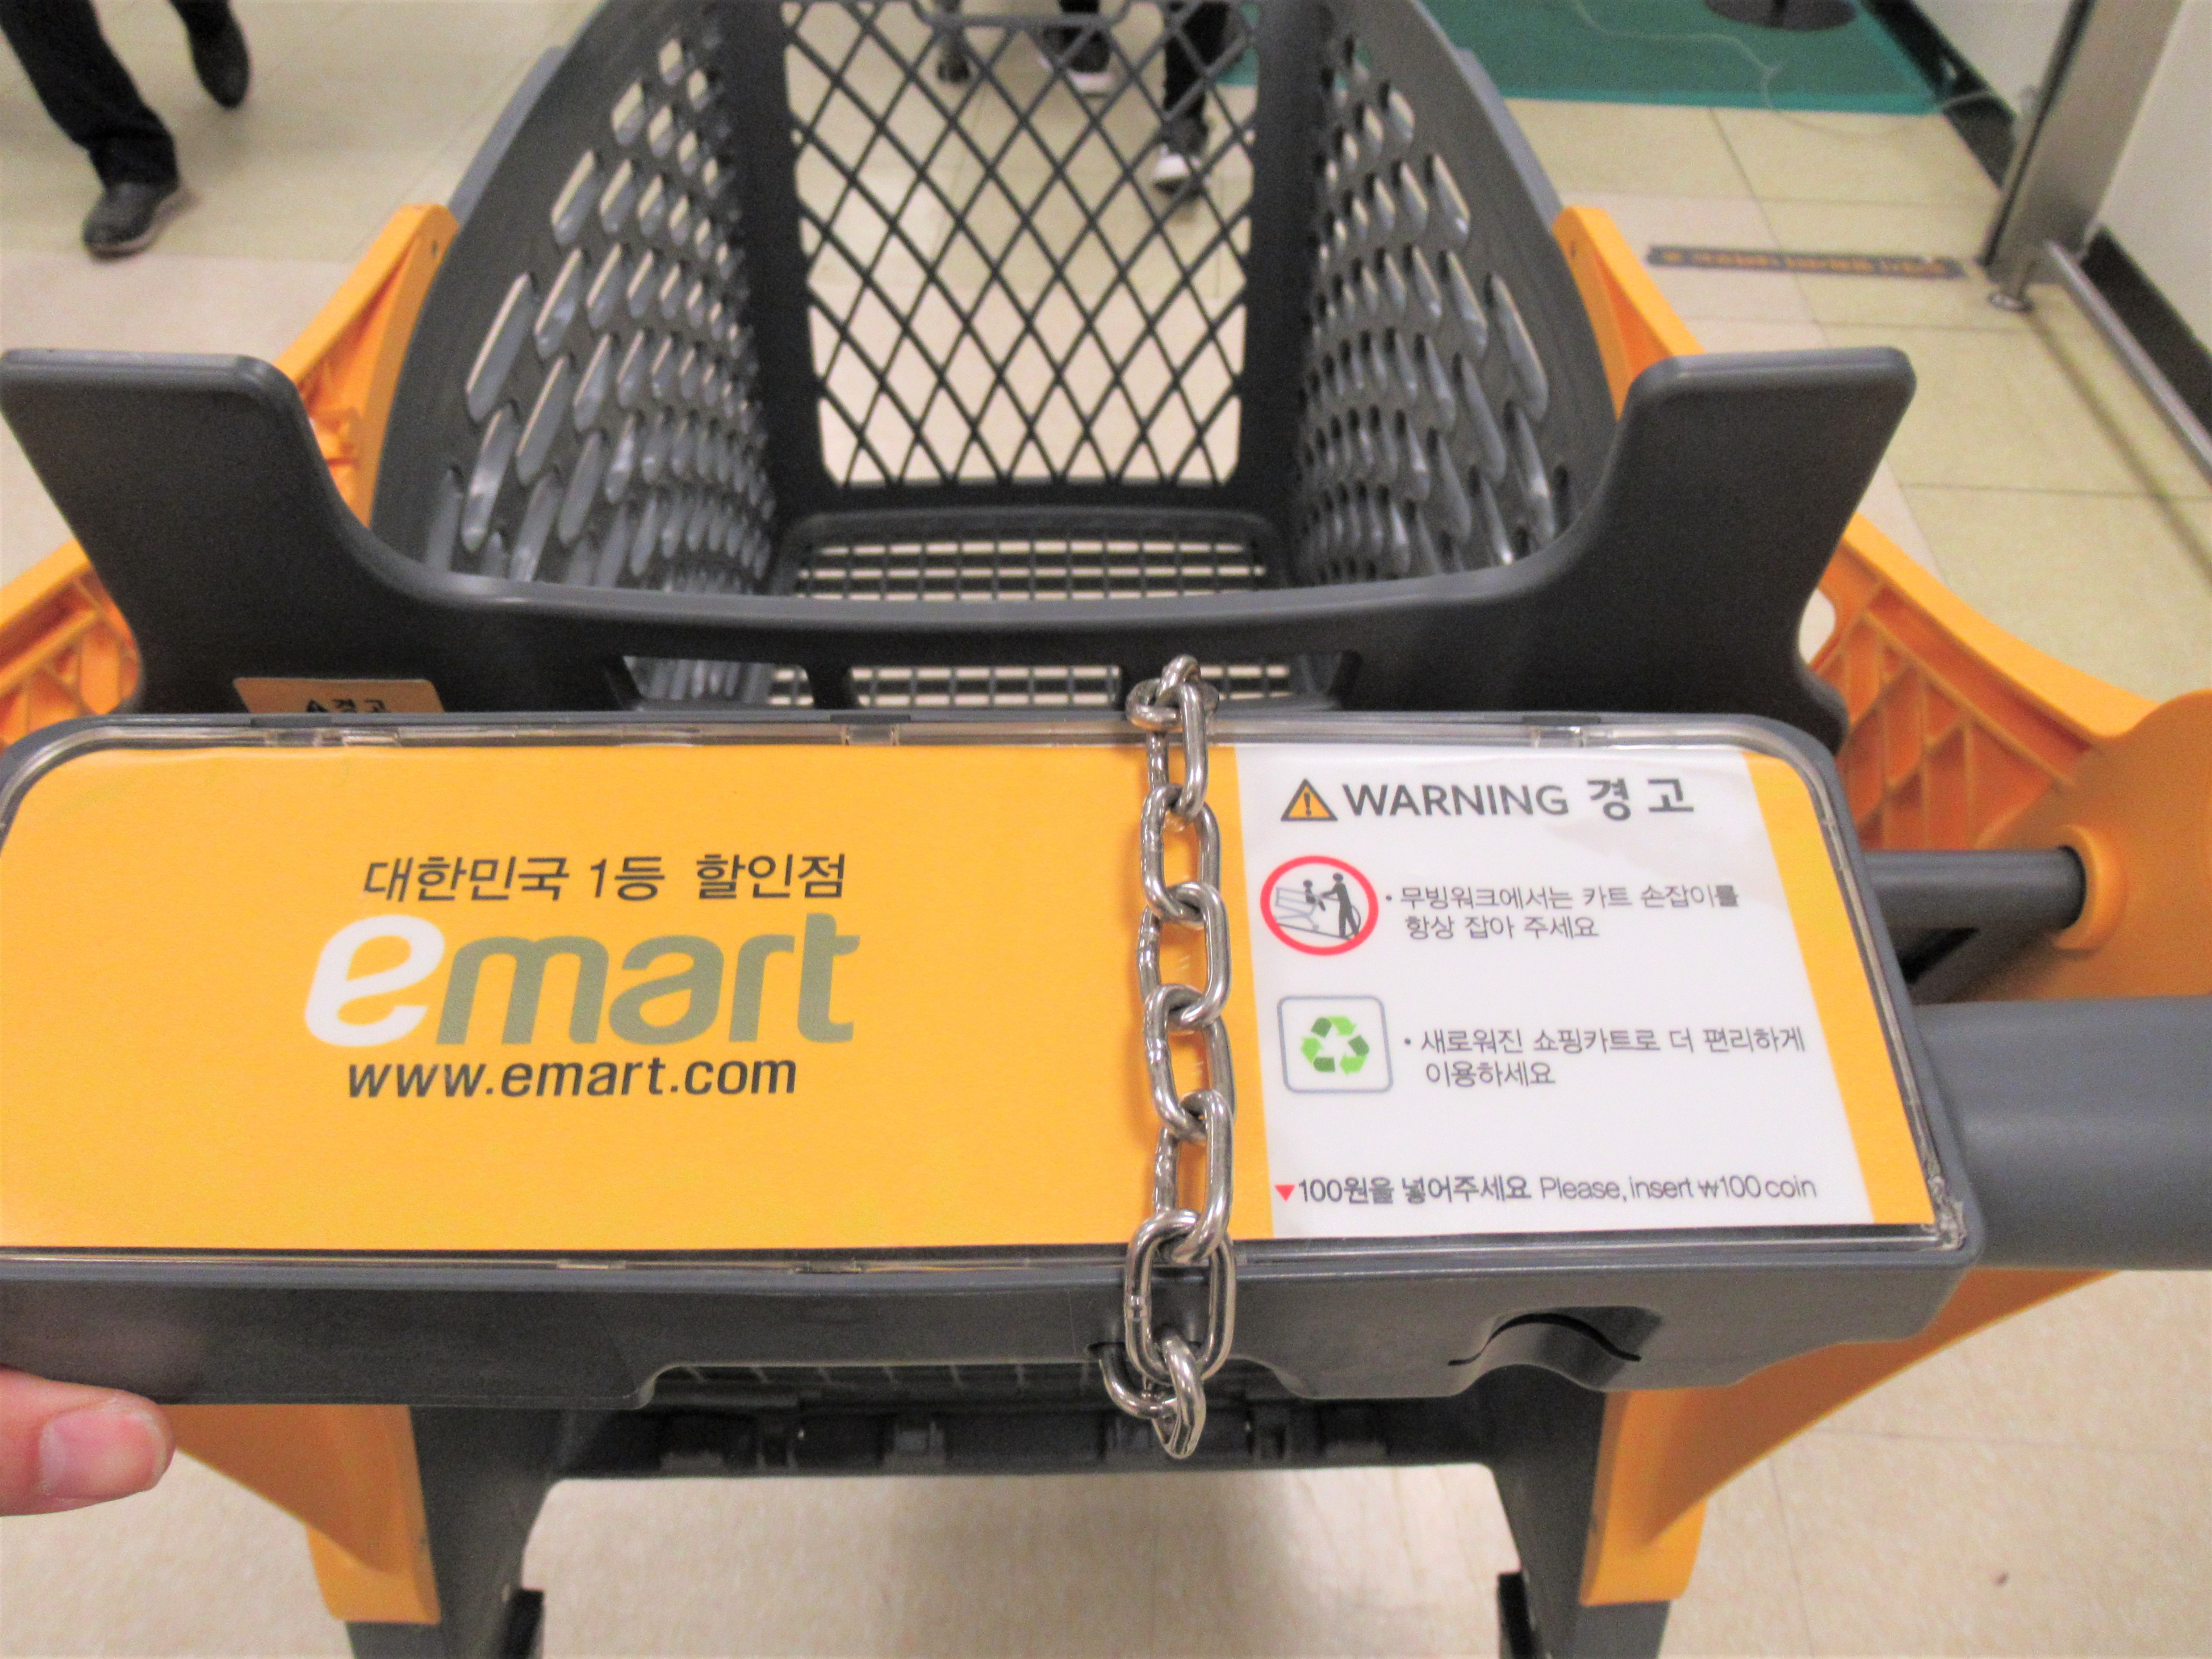 emart龍山店はアクセス便利でオススメ!今回の購入品は…|韓国ブログ旅